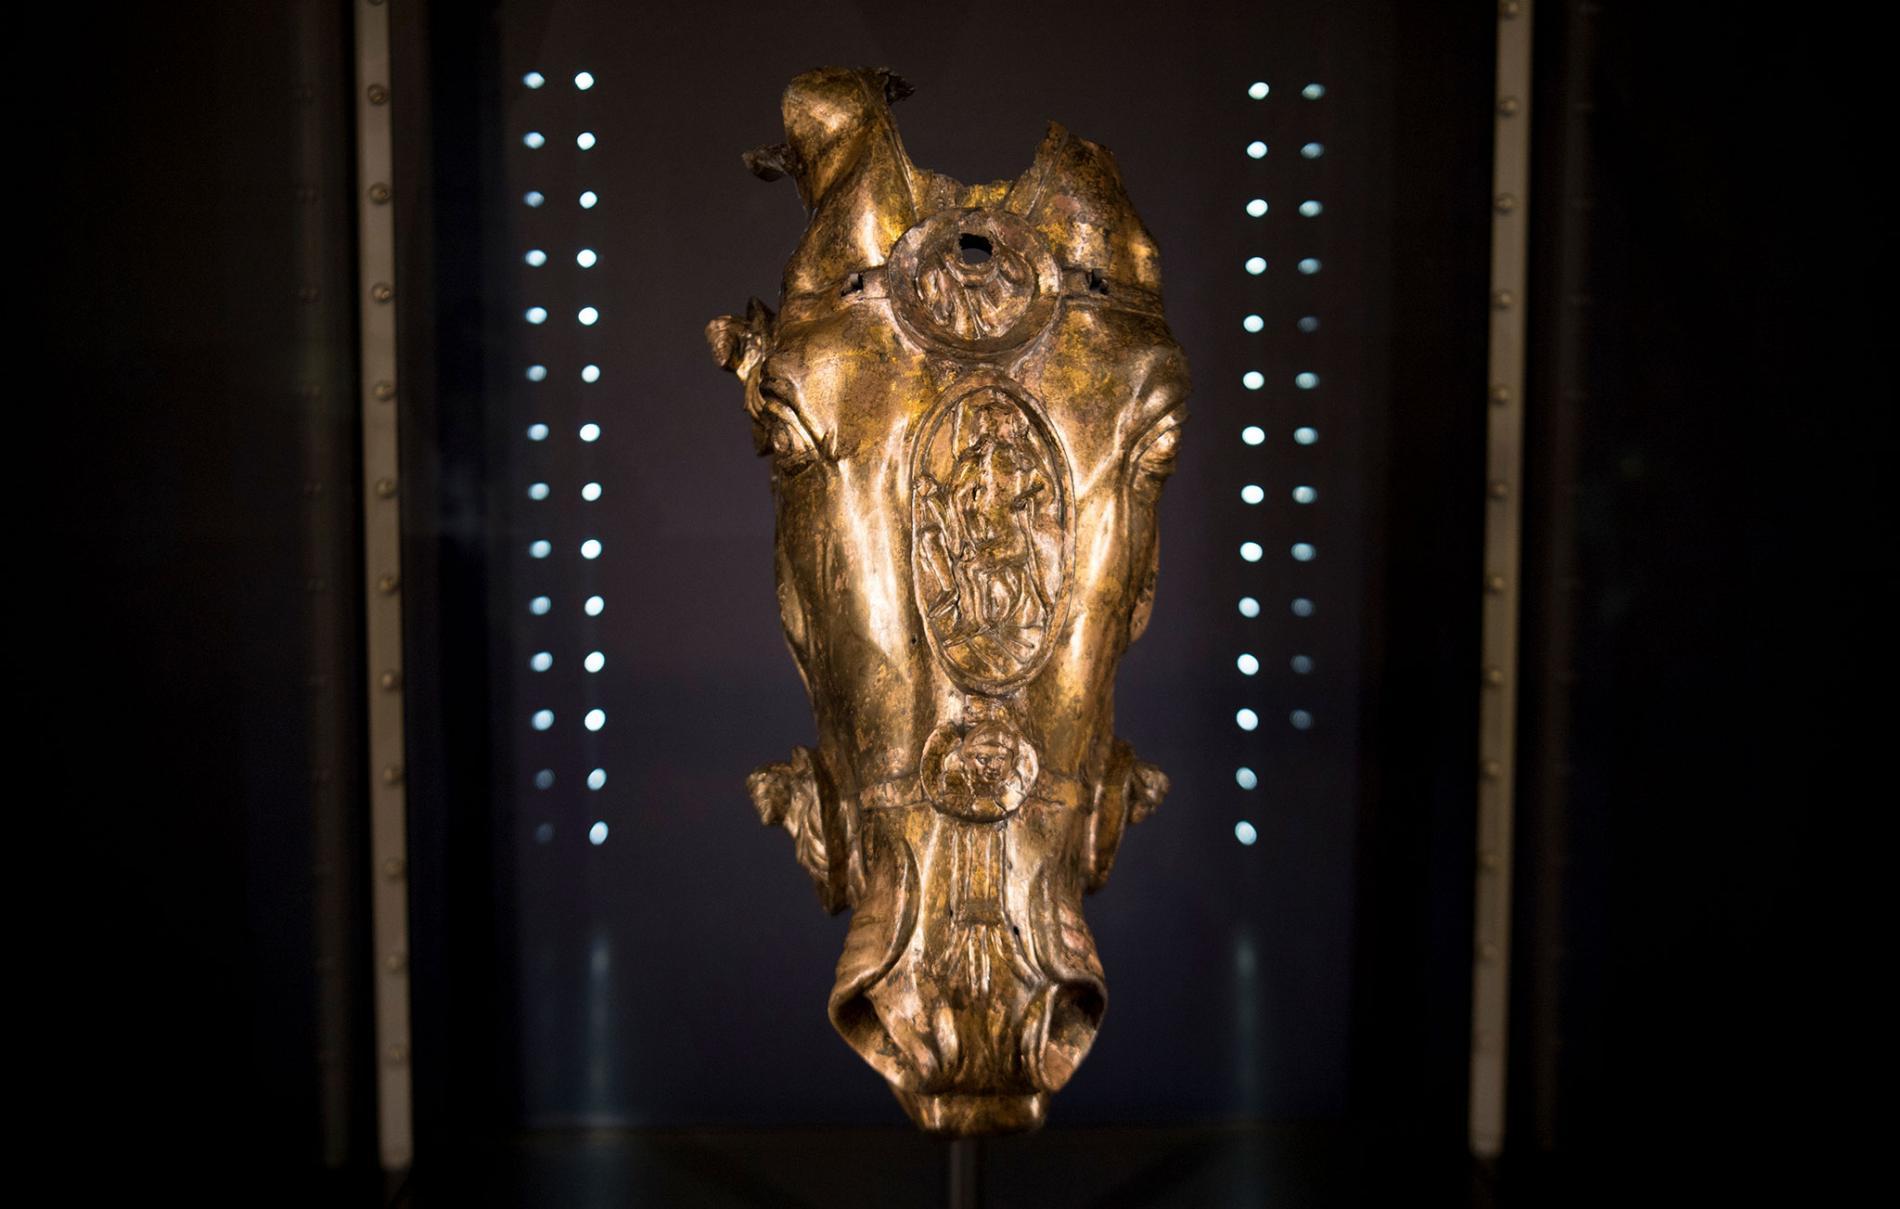 La cabeza dorada que añade un giro inesperado a la historia de la antigua Roma